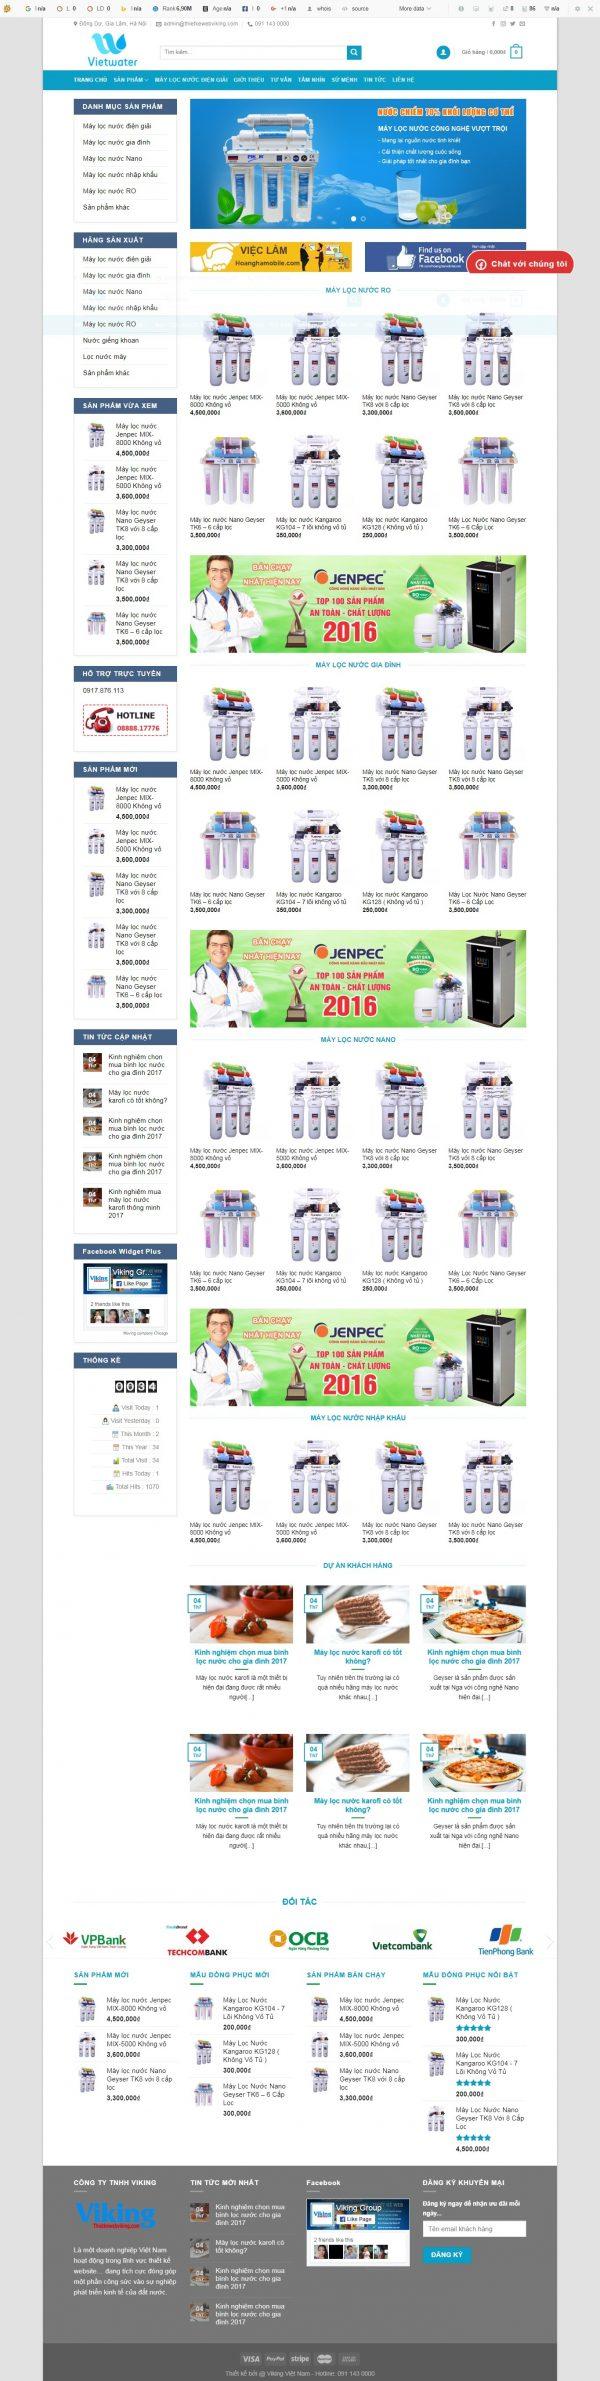 Thiết kế web bán hàng mẫu 80